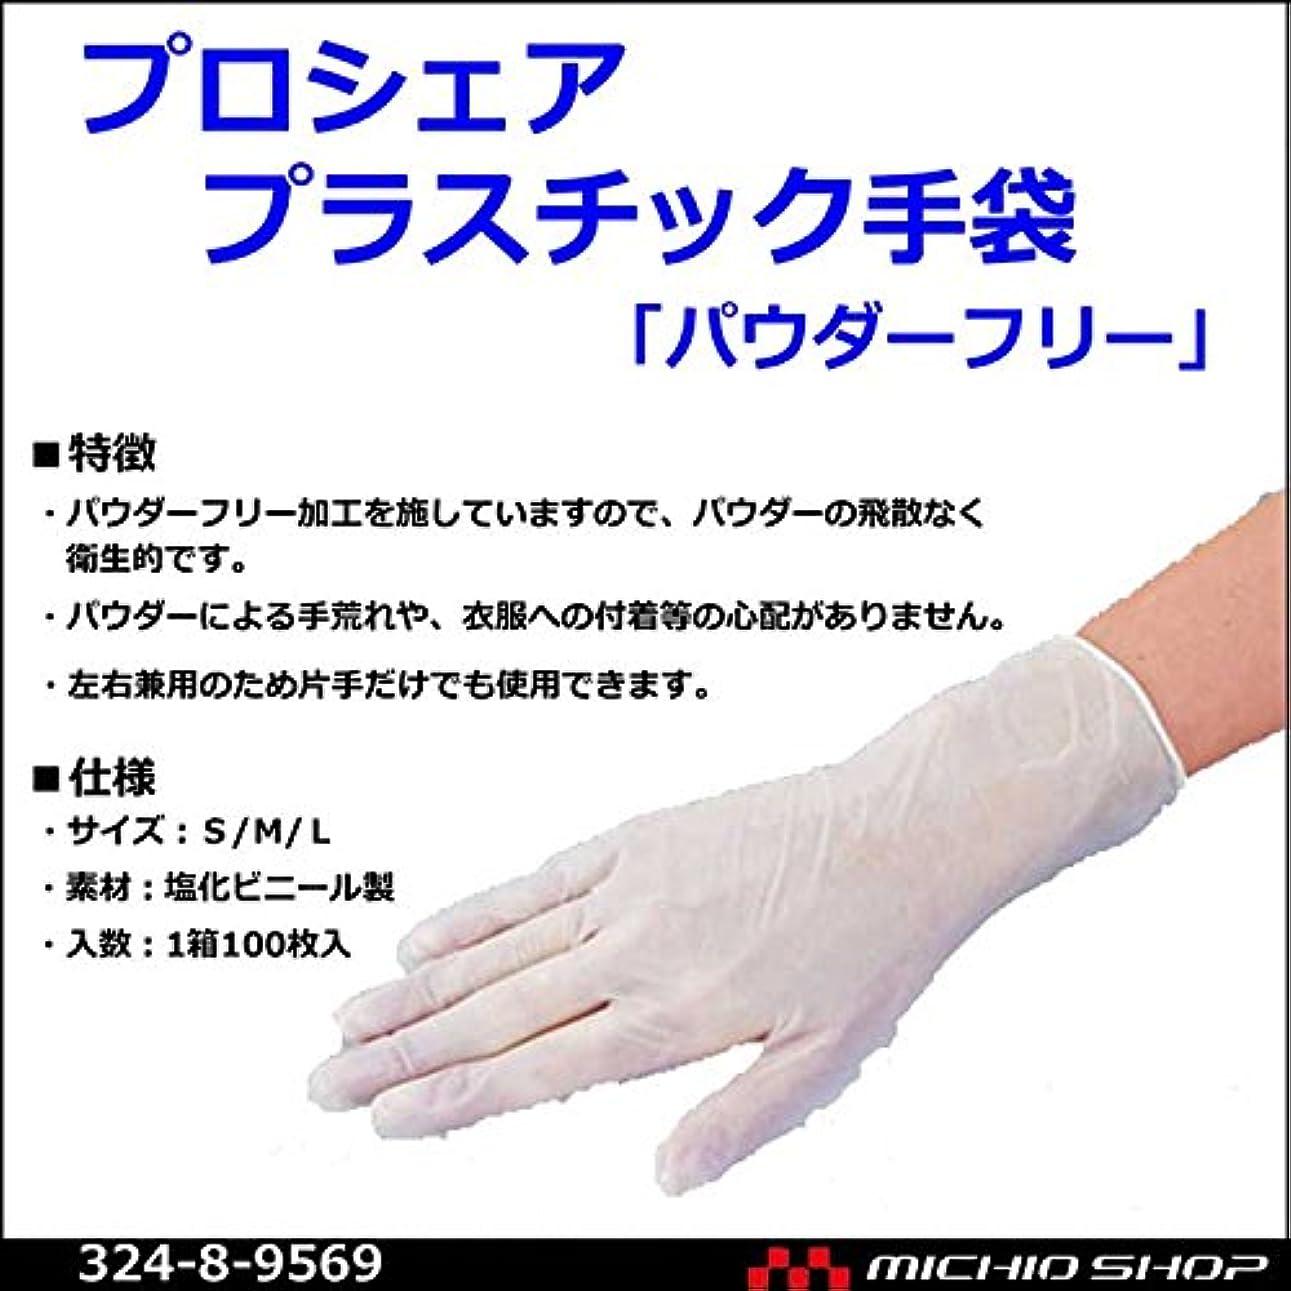 嵐が丘トランペットアイザックアズワン プロシェアプラスチック手袋 100枚入 8-9569 02 M